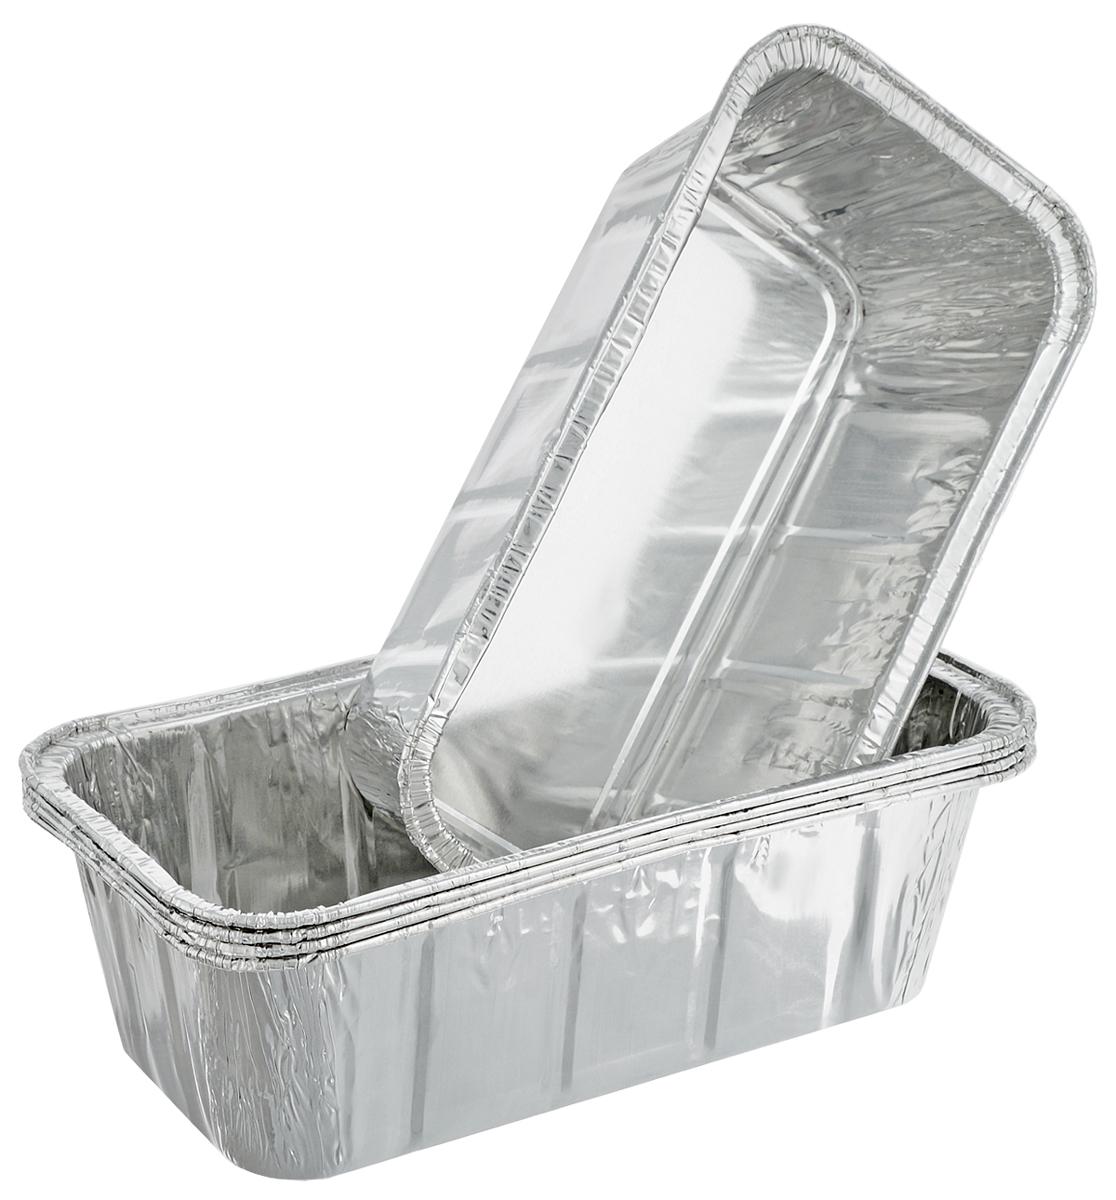 Набор форм для запекания Marmiton, 22 х 11,5 х 6 см, 5 шт11356Набор форм Marmiton, выполненный из алюминиевой фольги, идеально подходит для запекания, обжарки, хранения и замораживания продуктов, а также быстрого разогрева приготовленных блюд. Изделия обладают всеми свойствами обычной фольги для запекания: гигиеничные, легкие, прочные, теплопроводные.Использовать для запекания на гриле и в духовой печи (до +280°C), для замораживания (до -40°C).